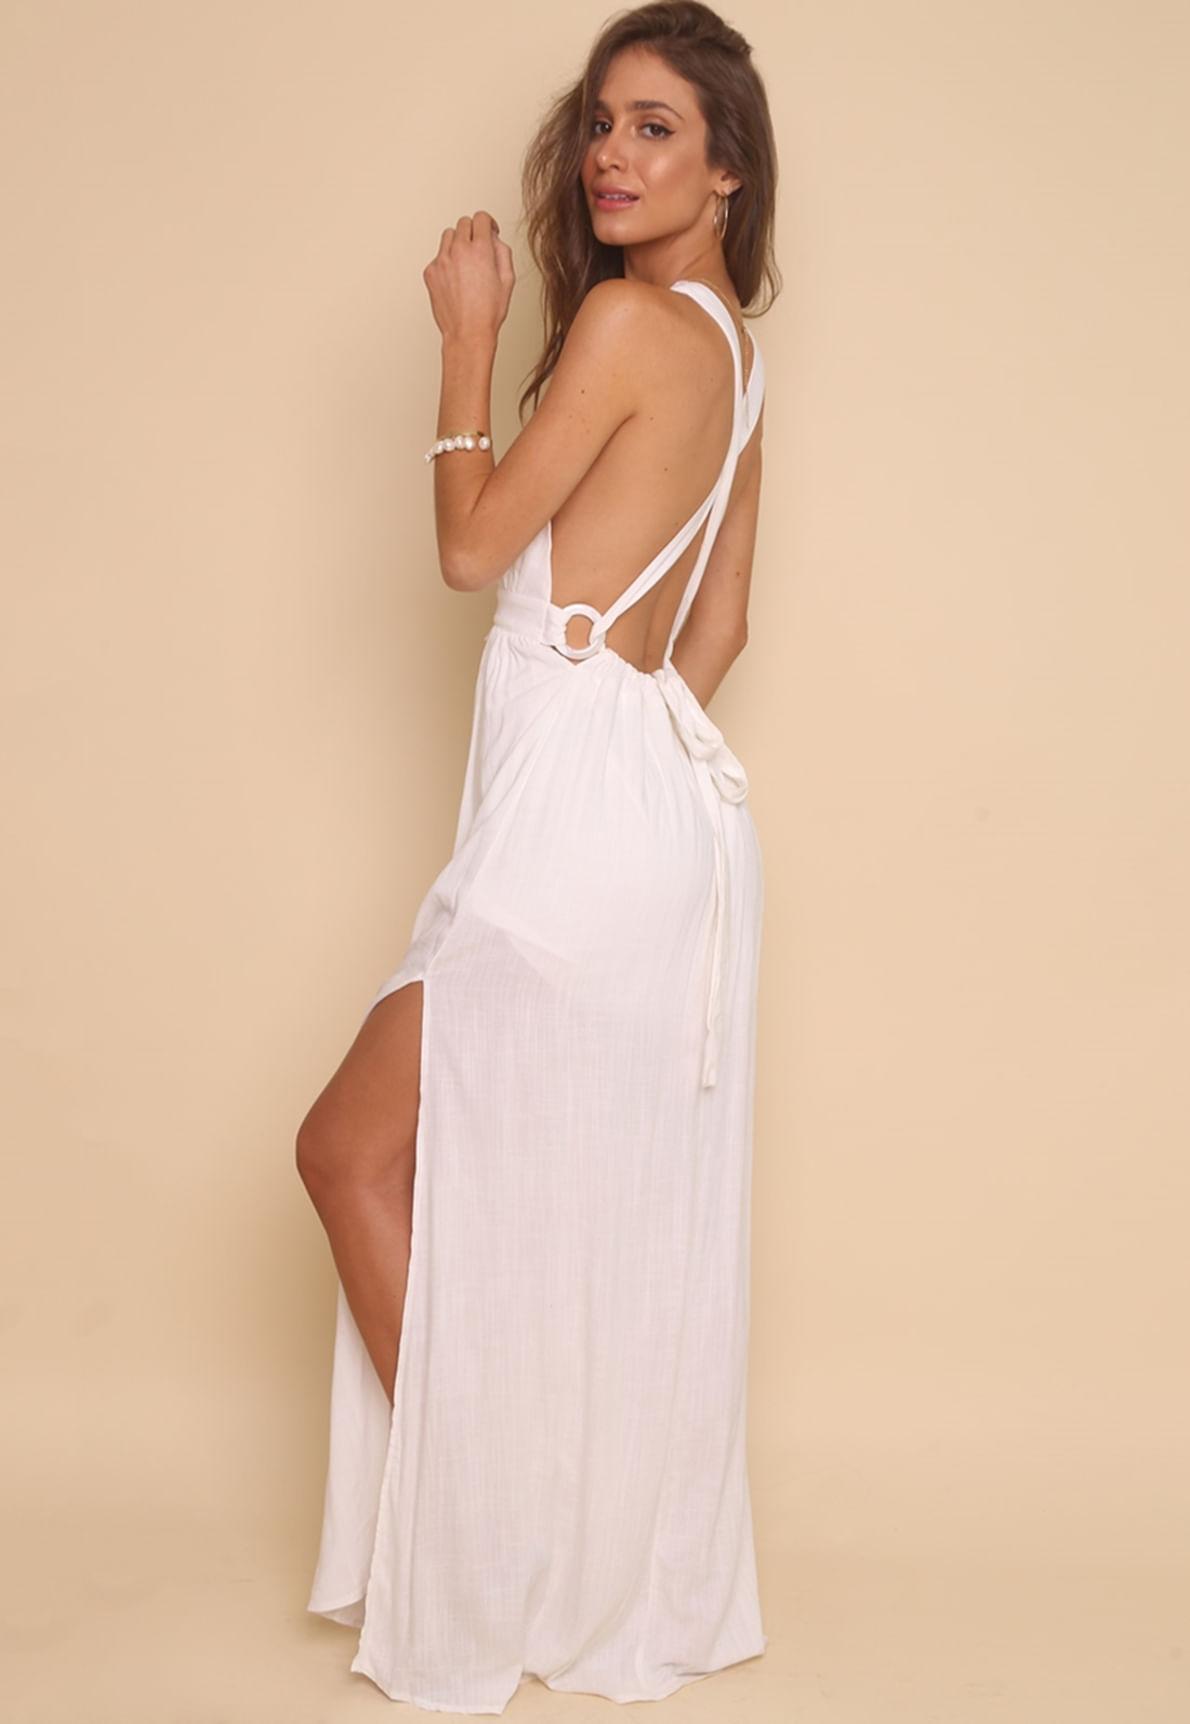 29791-vestido-longo-argolas-branco-meli-mundo-lolita-02